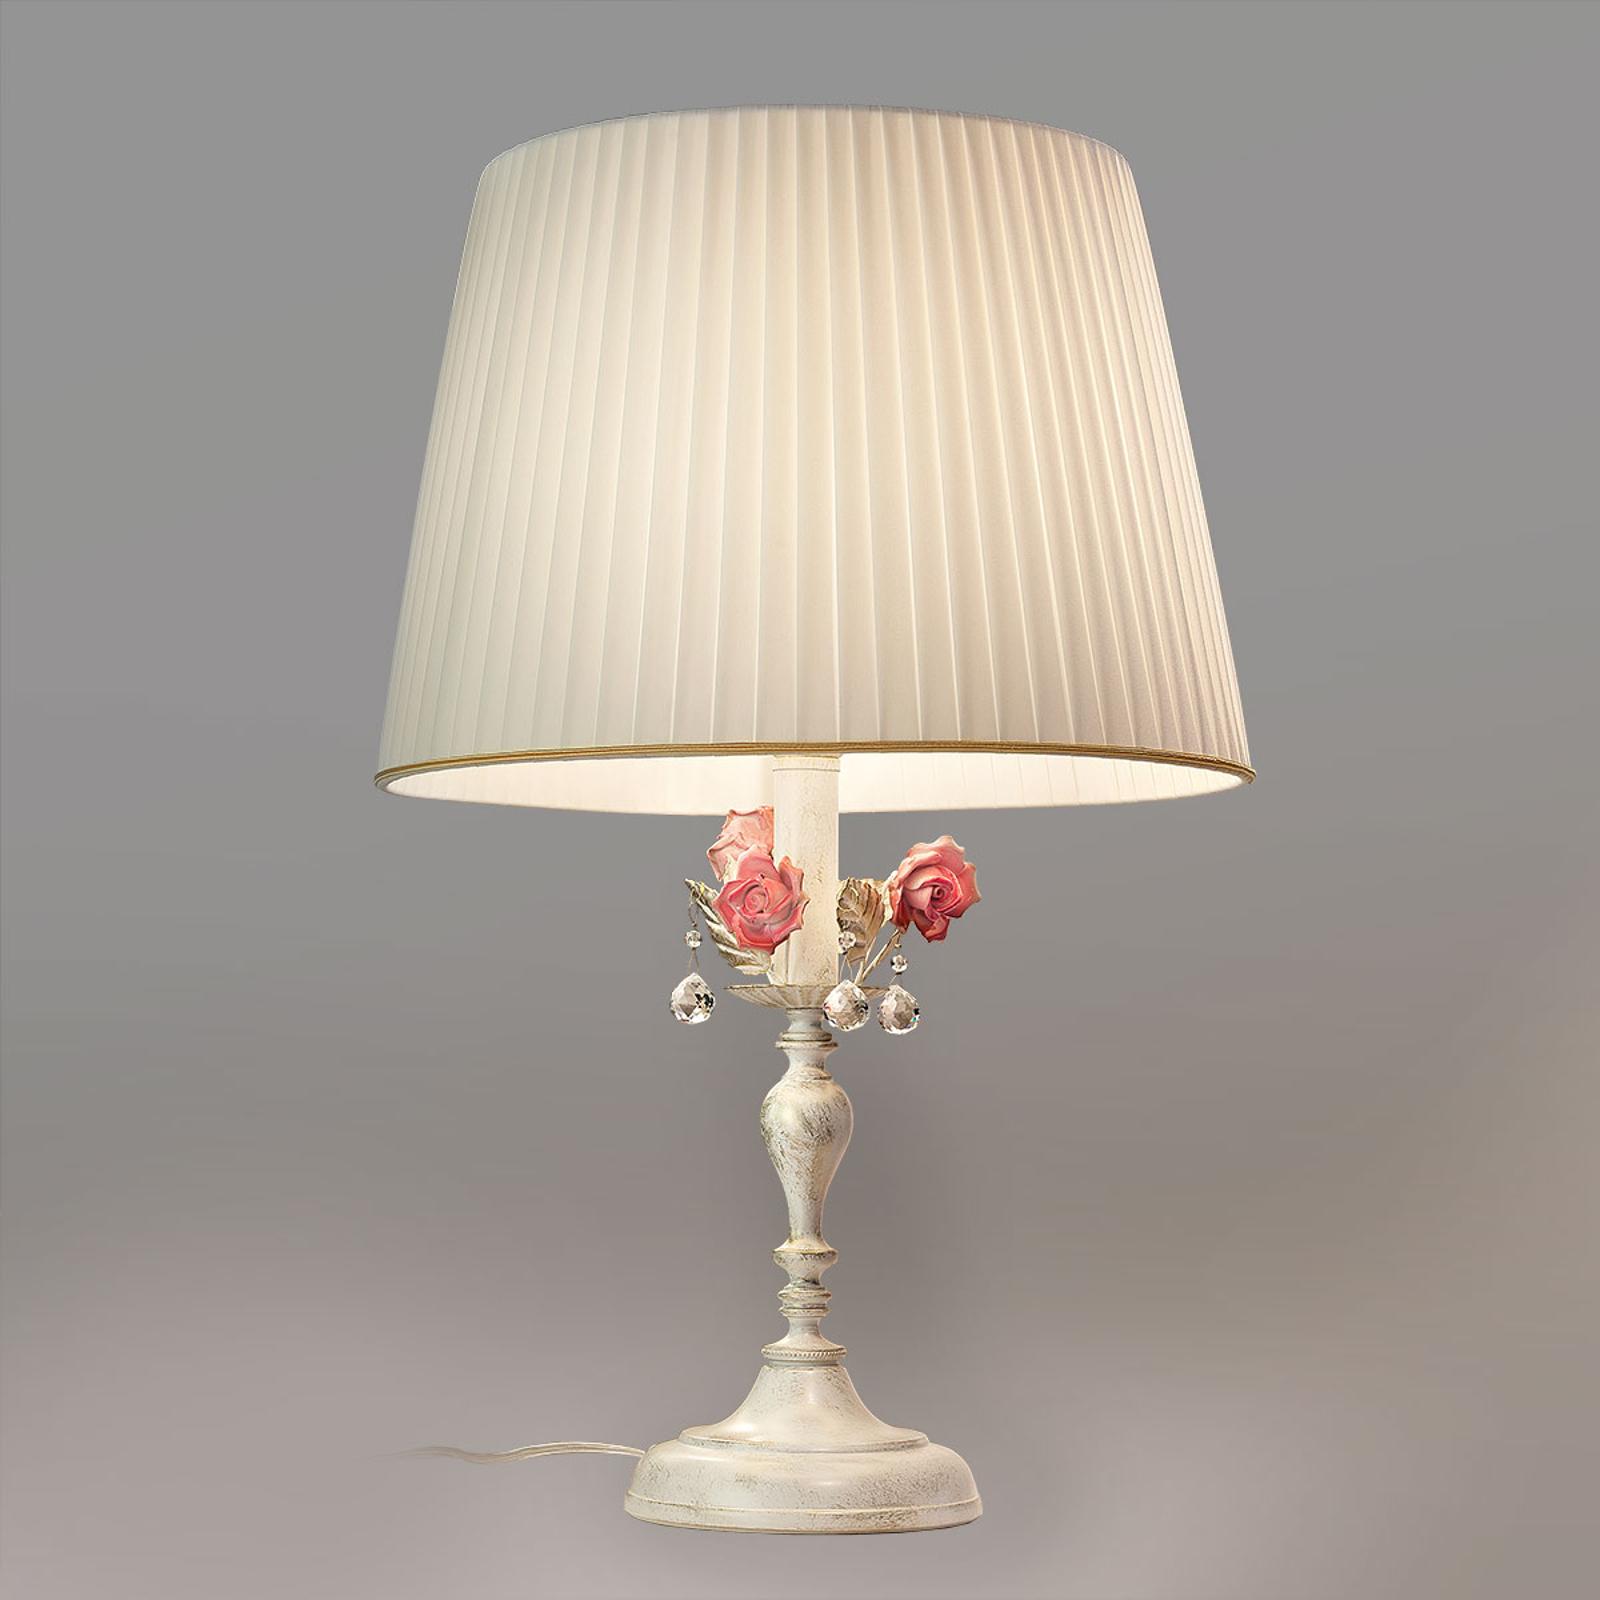 Lampada da tavolo Fiore con fiori di rosa